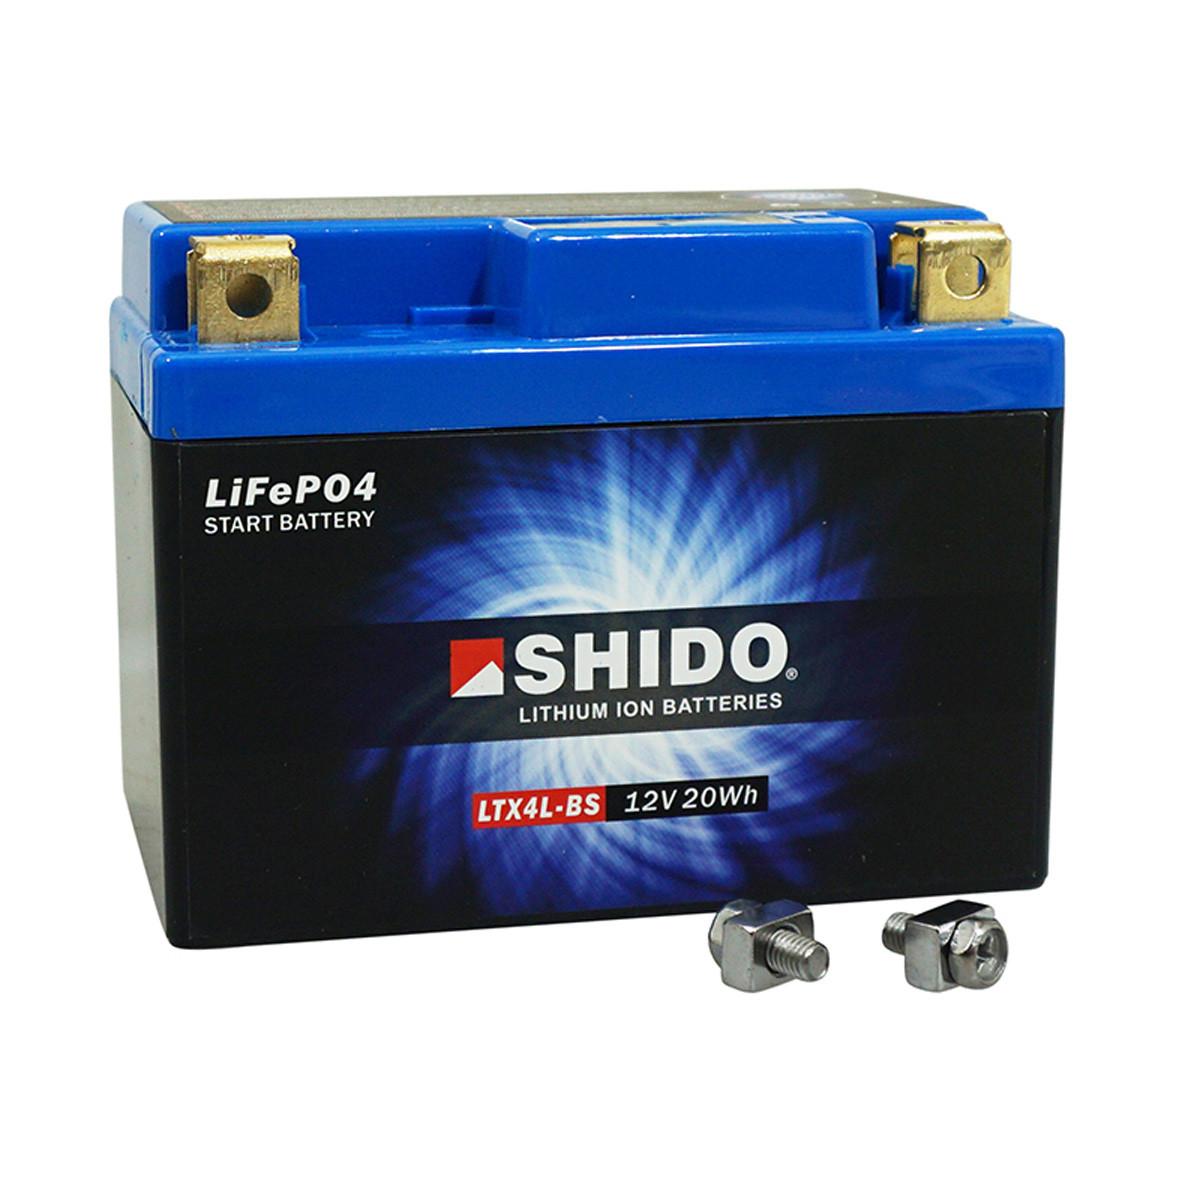 Batterie 12V 1.6 Ah YTX4LBS - SHIDO Lithium-ion Prêt à l'emploi / Sans entretien